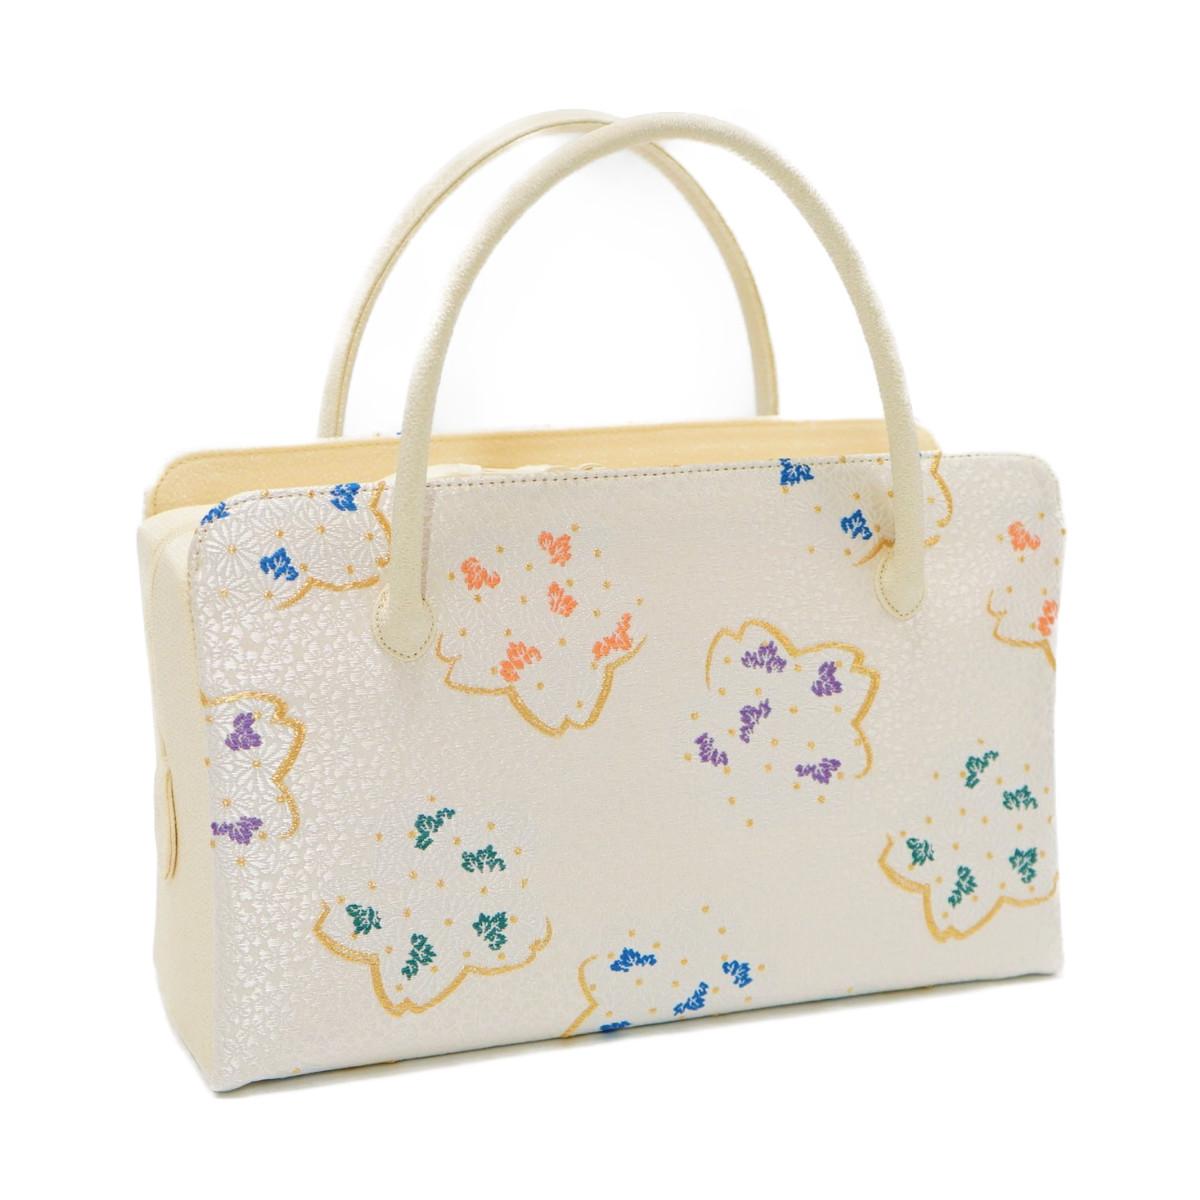 和装バッグ 利休バッグ新作金襴 菊と桜の柄